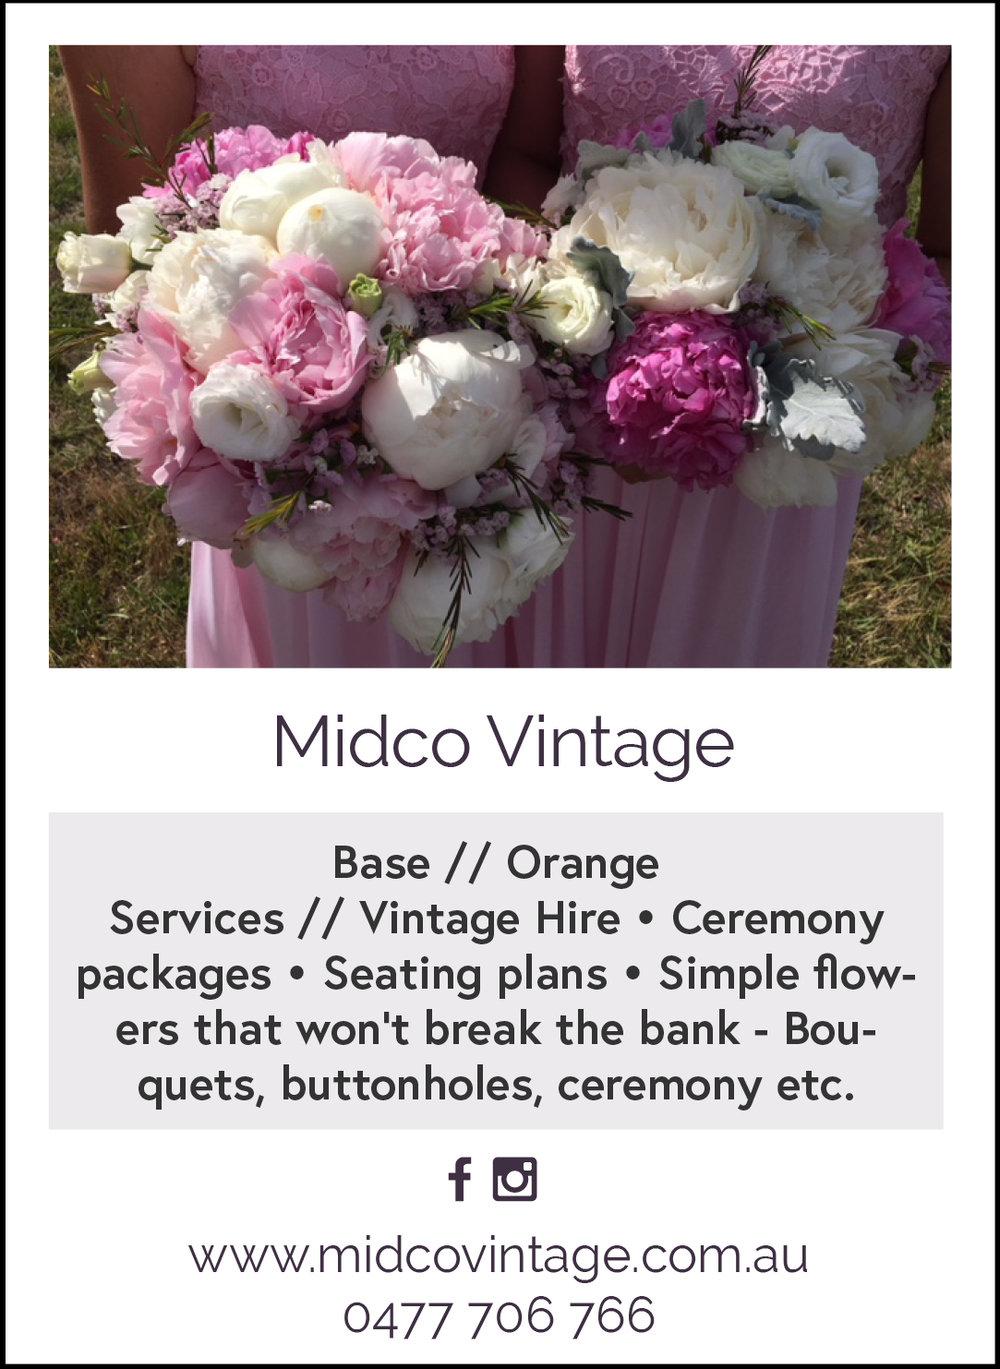 Midco Vintage 2018 Online Listing.jpg